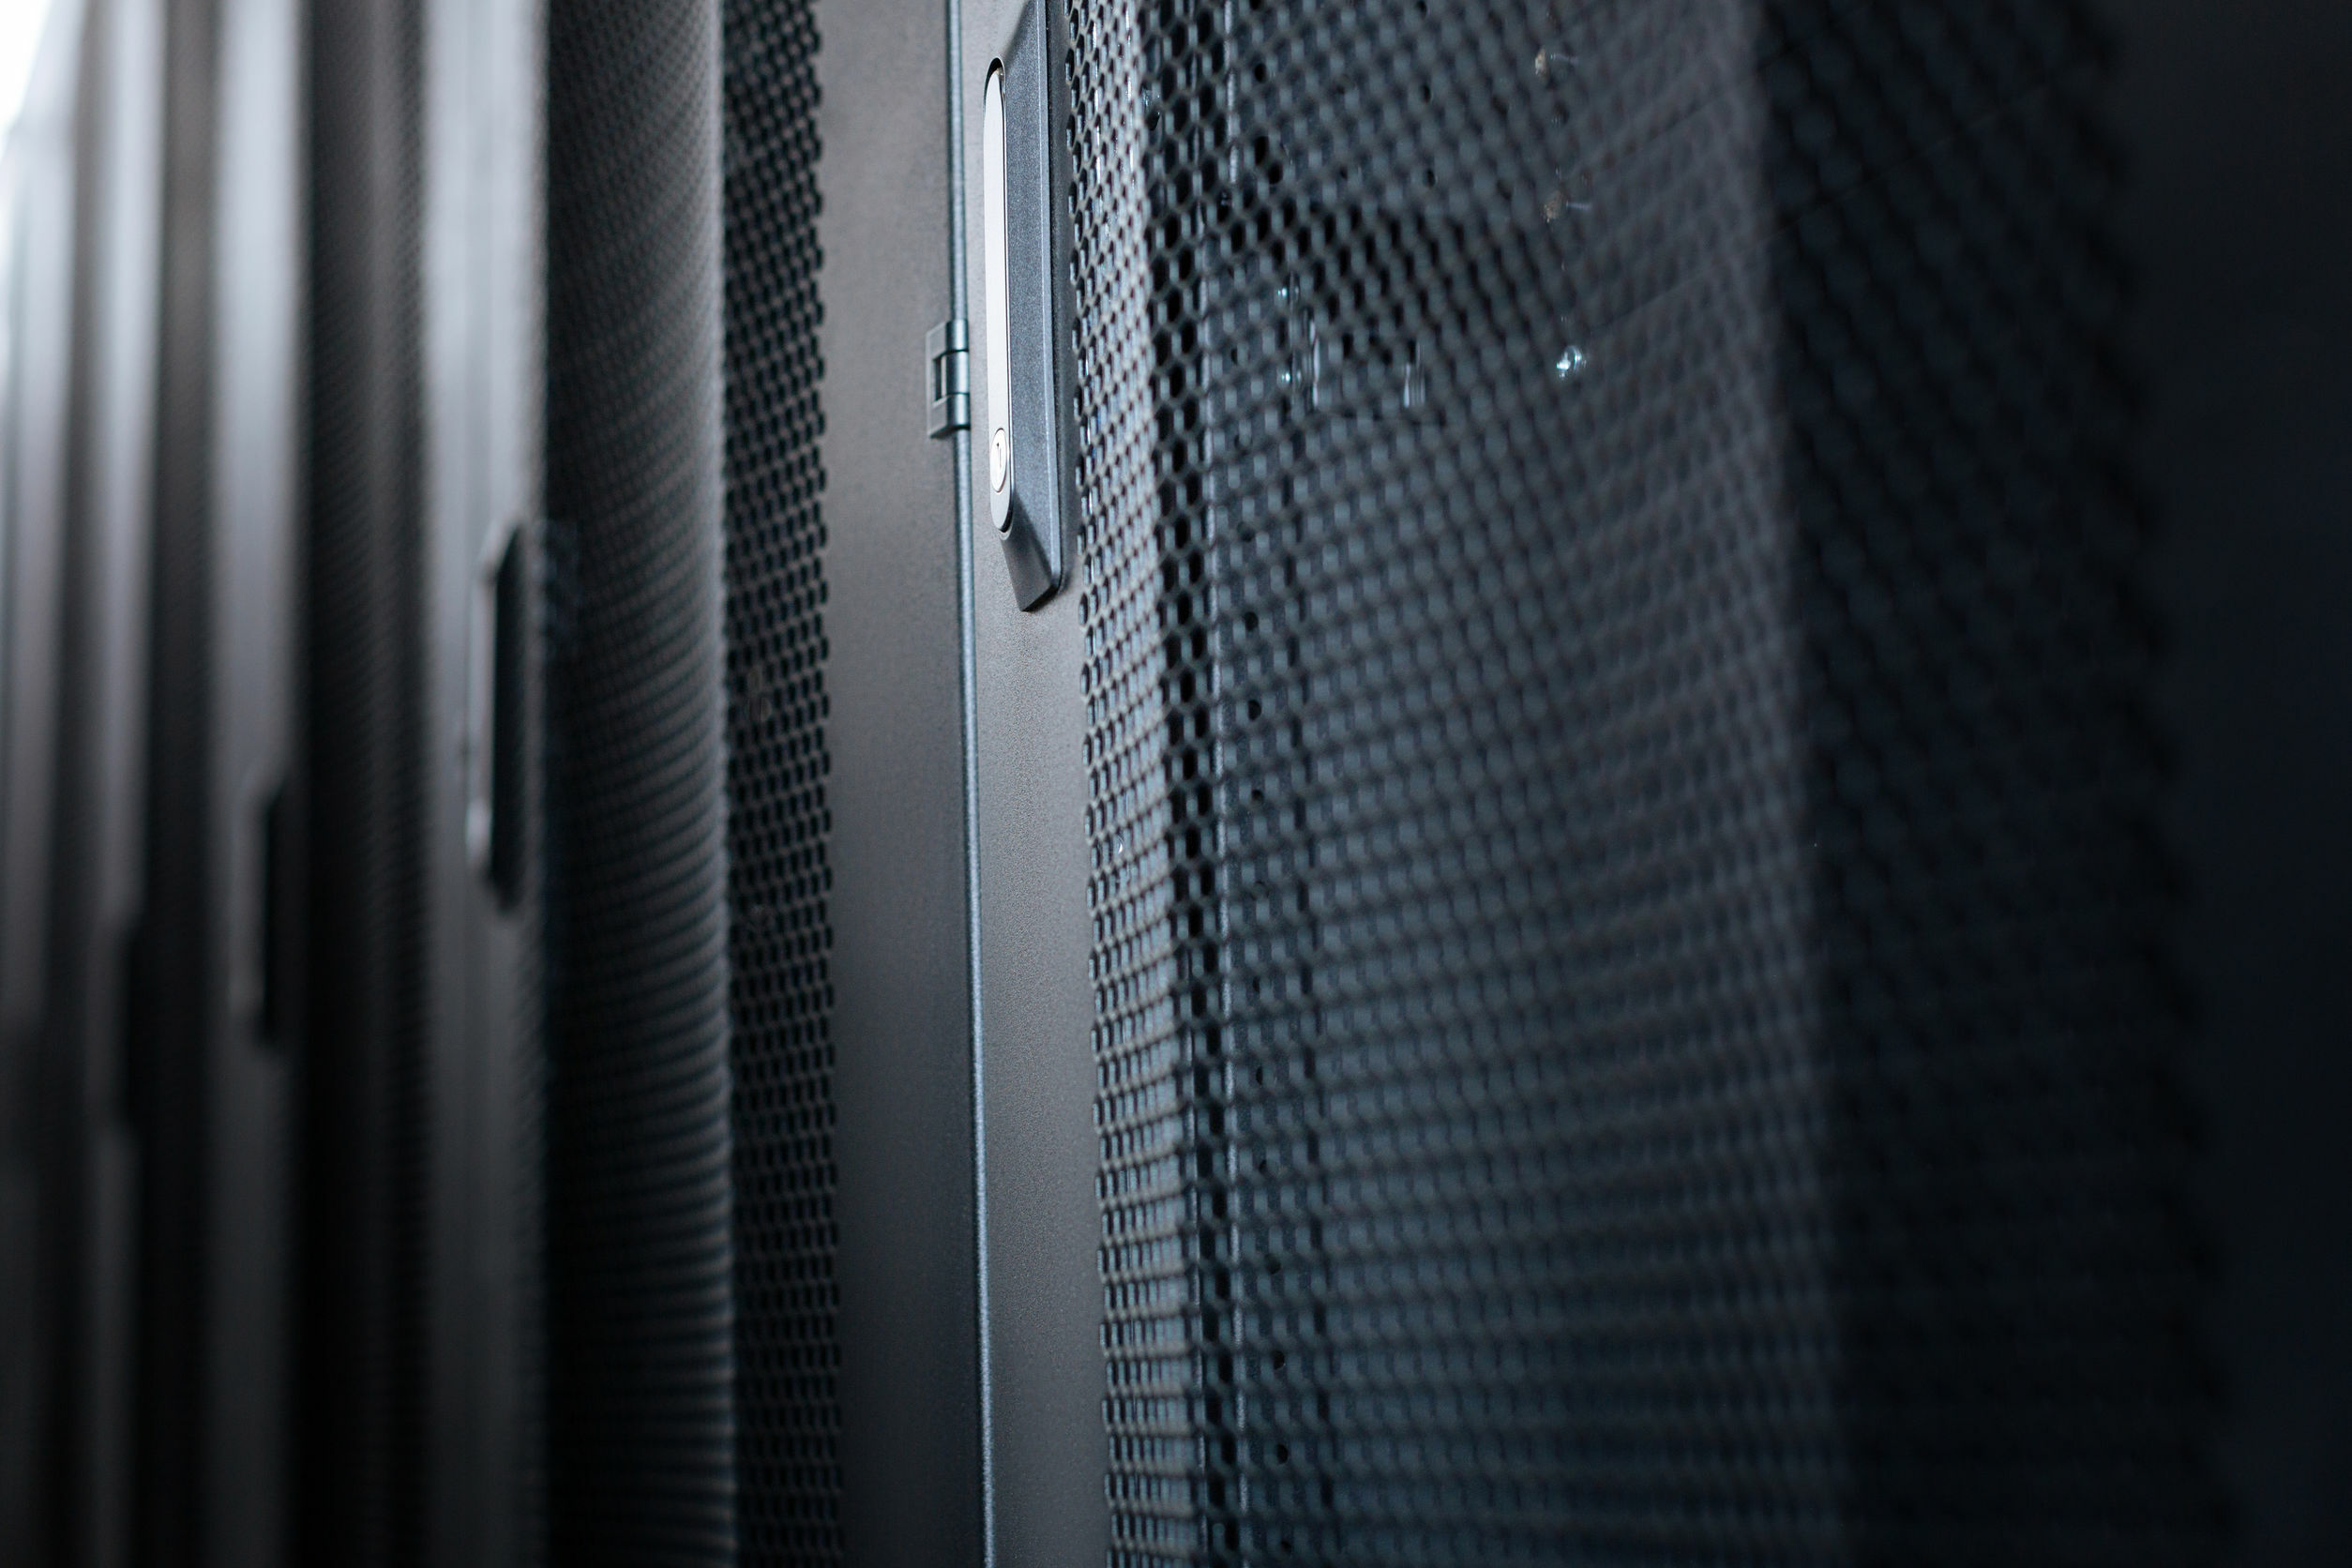 Ein Serverschrank von außen